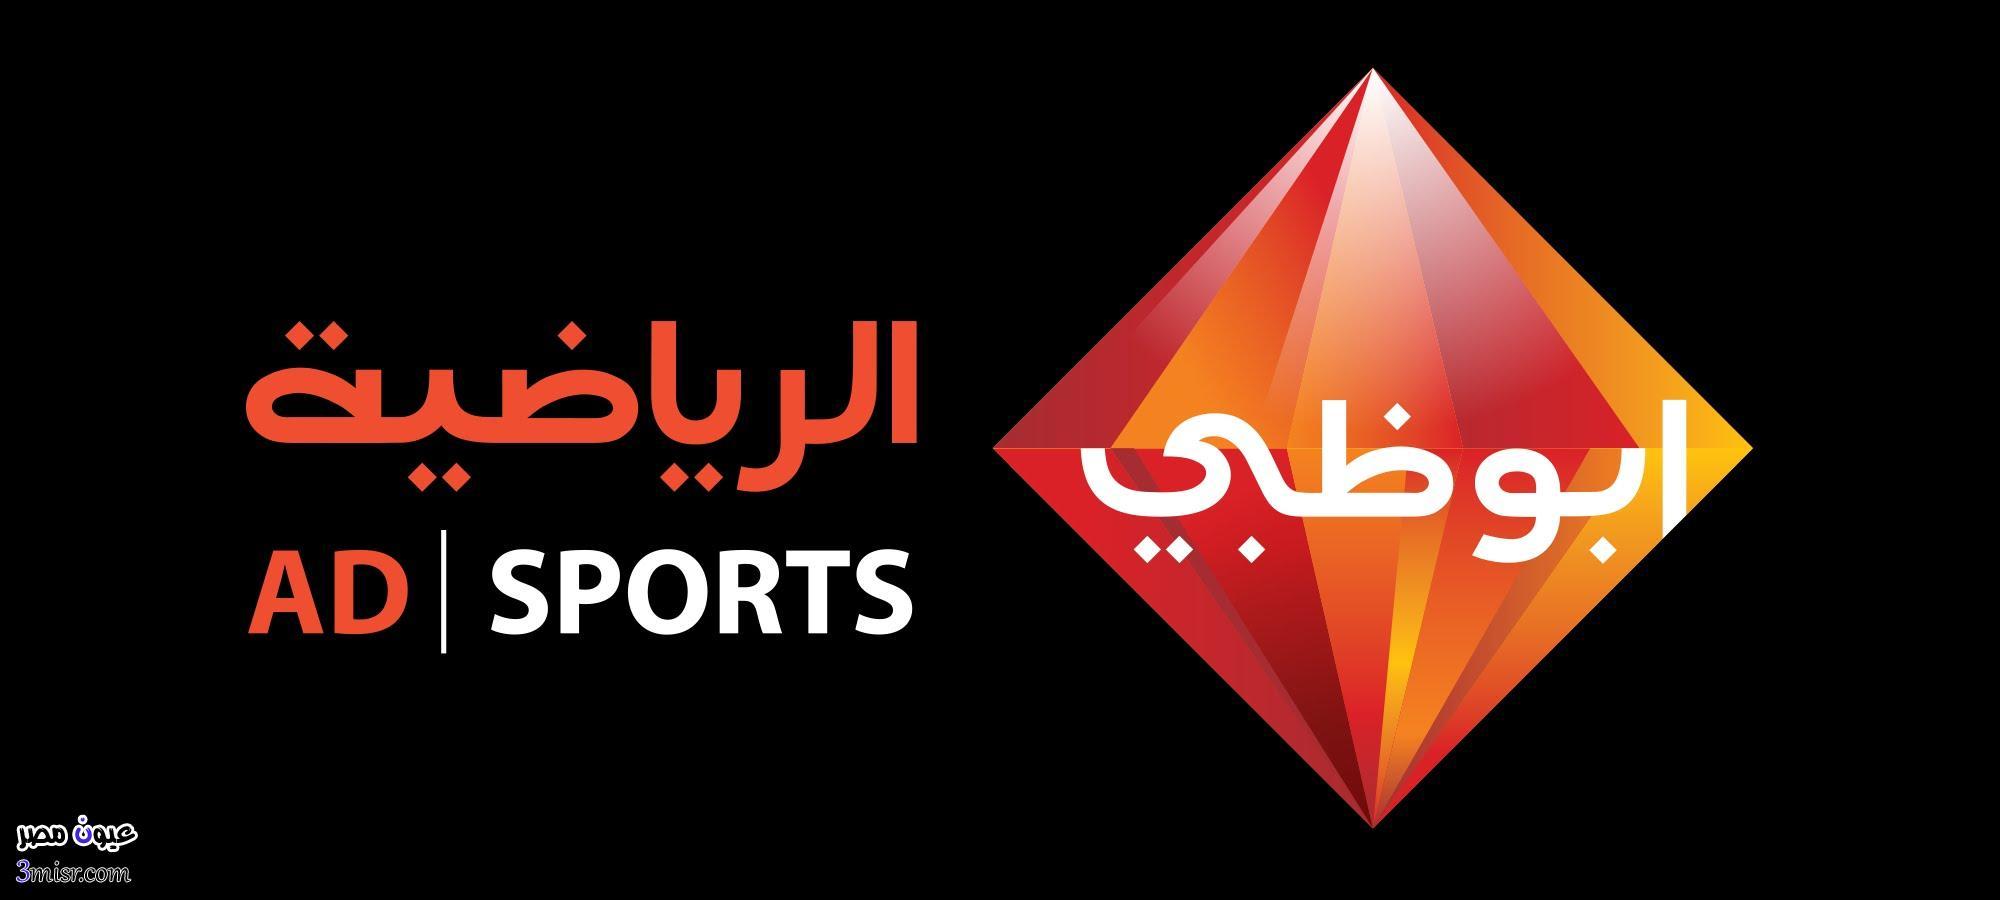 تردد قناة ابو ظبي الرياضية الناقلة لمباراة منتخب مصر والسنغال وزامبيا